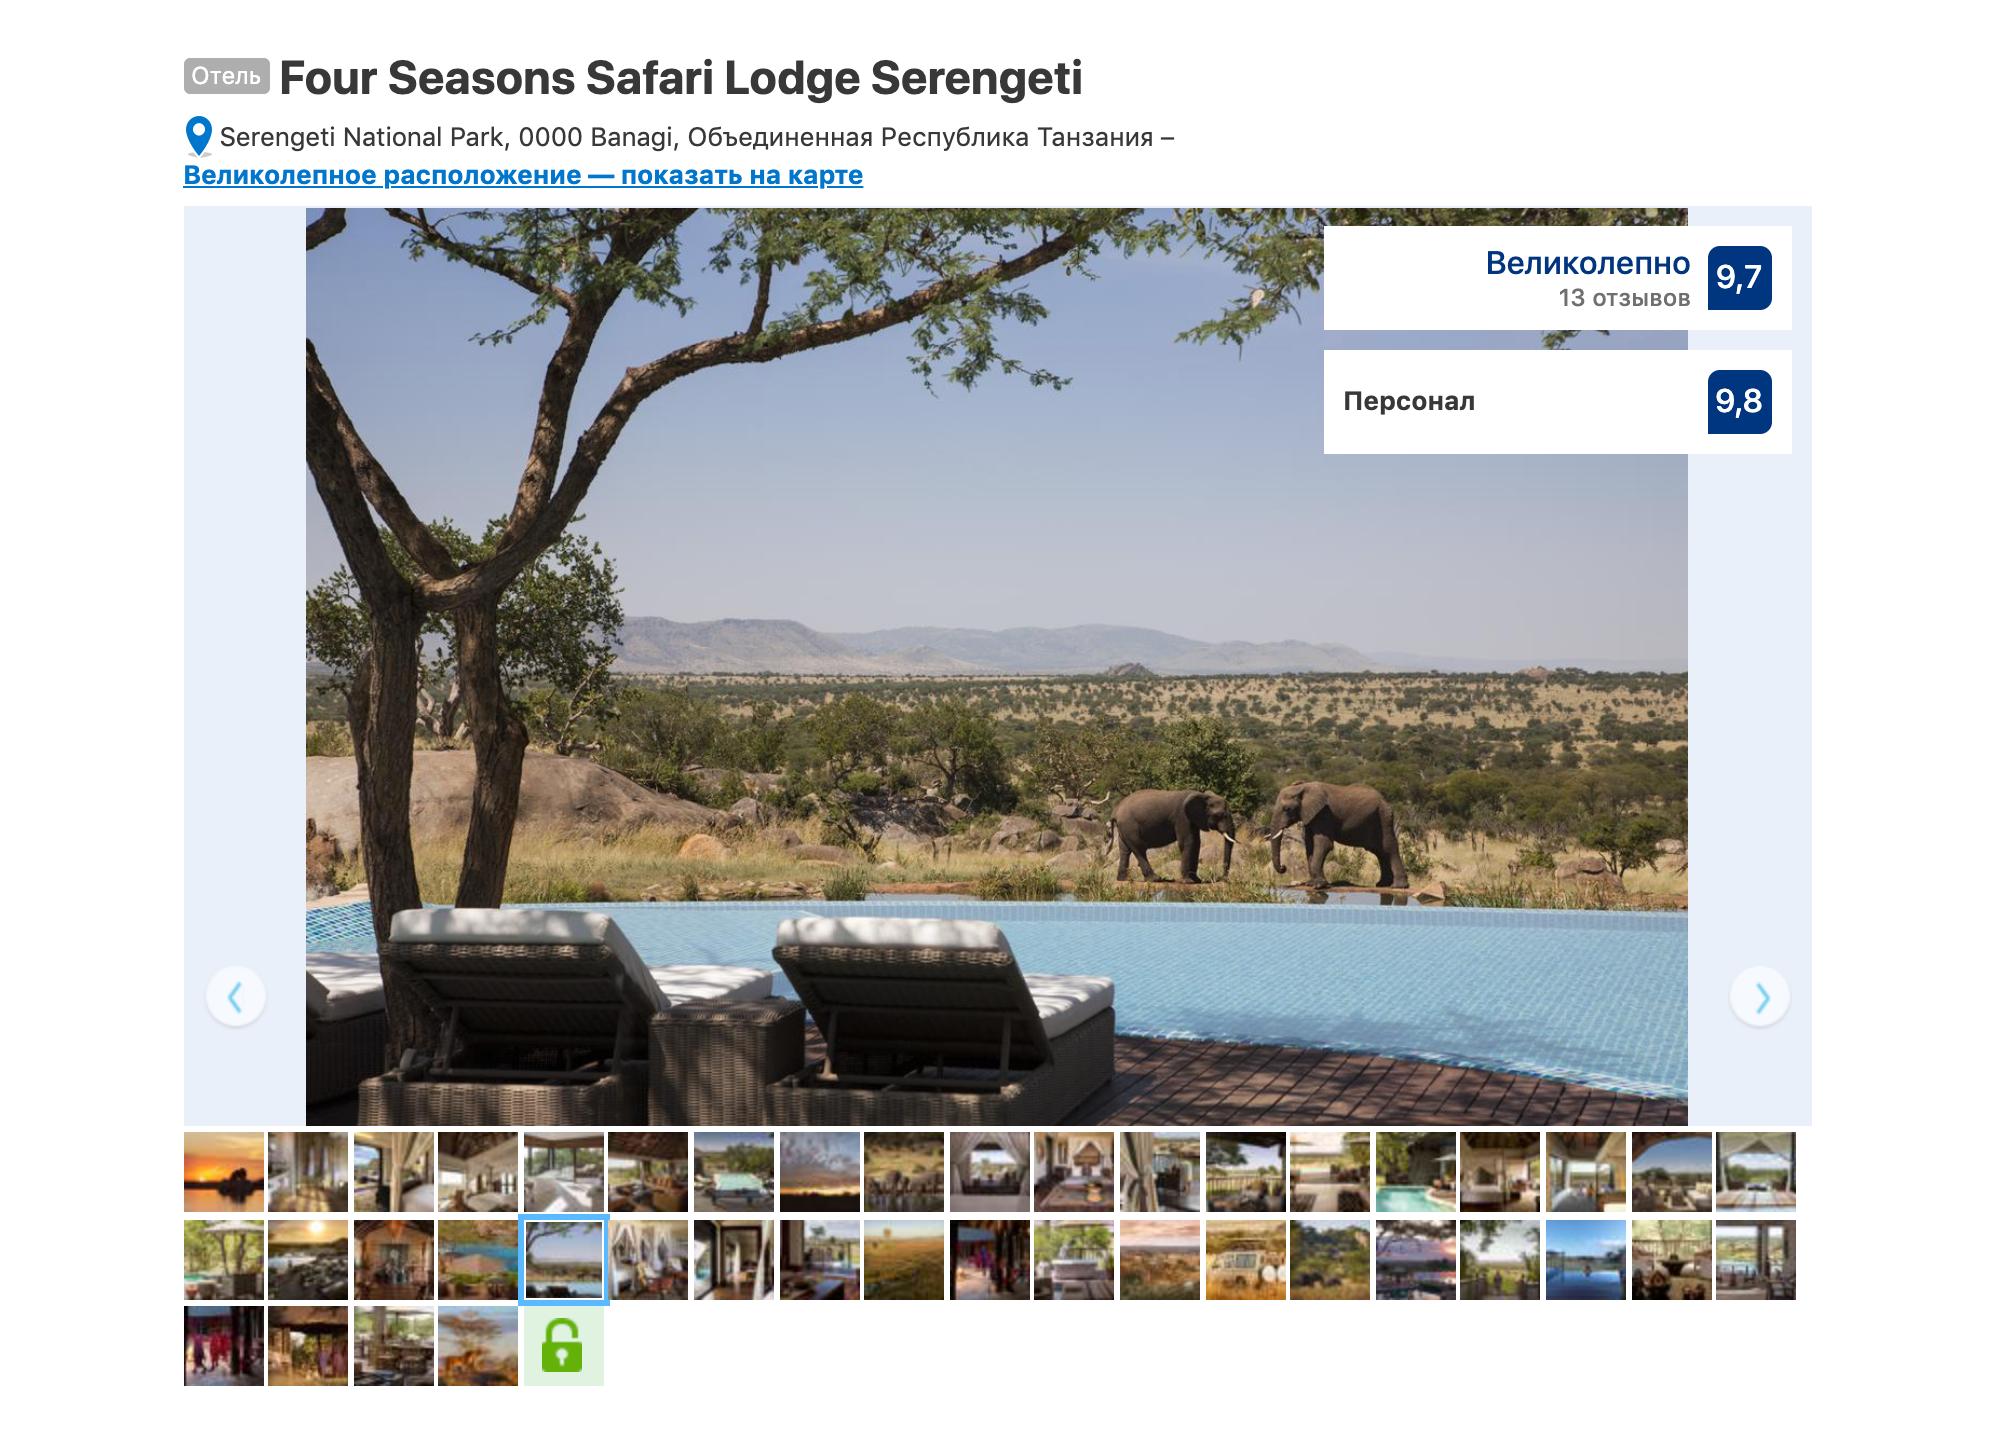 Не бюджетно, но как красиво: отель в парке Серенгети, 1000$ за ночь